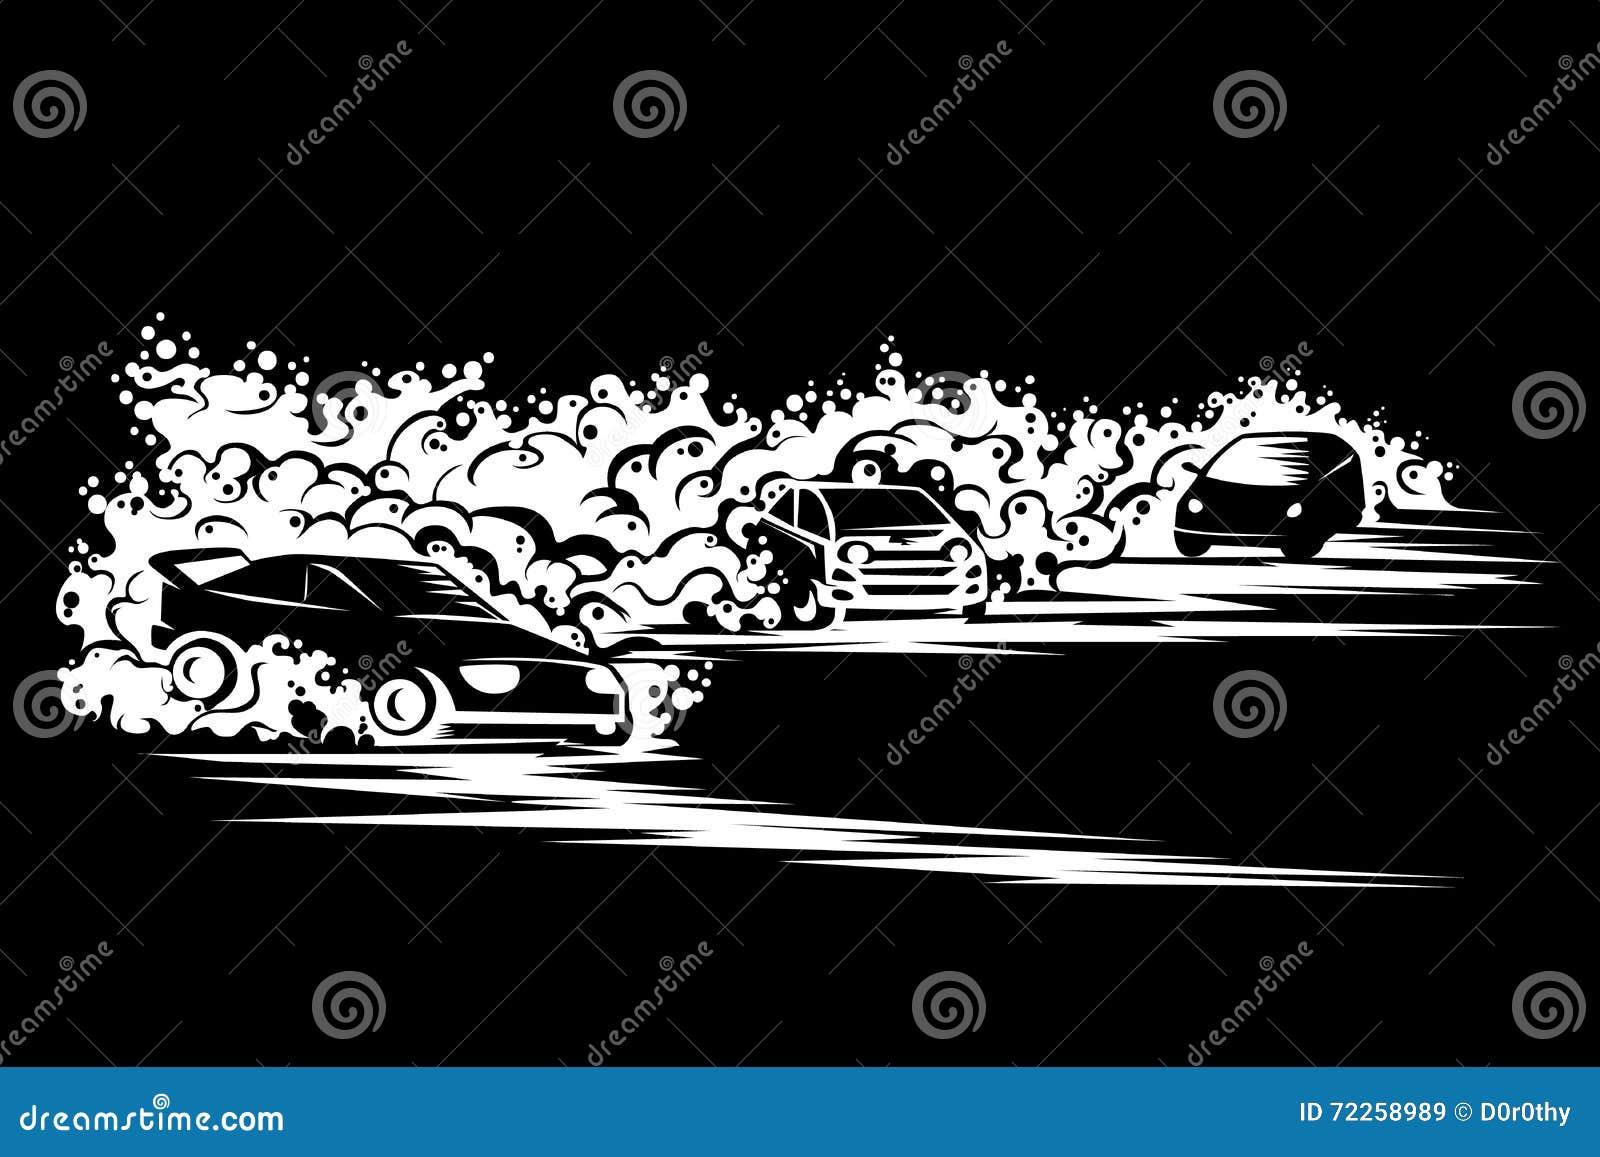 Programa De Carreras Del Hielo Ilustración del Vector - Ilustración ...